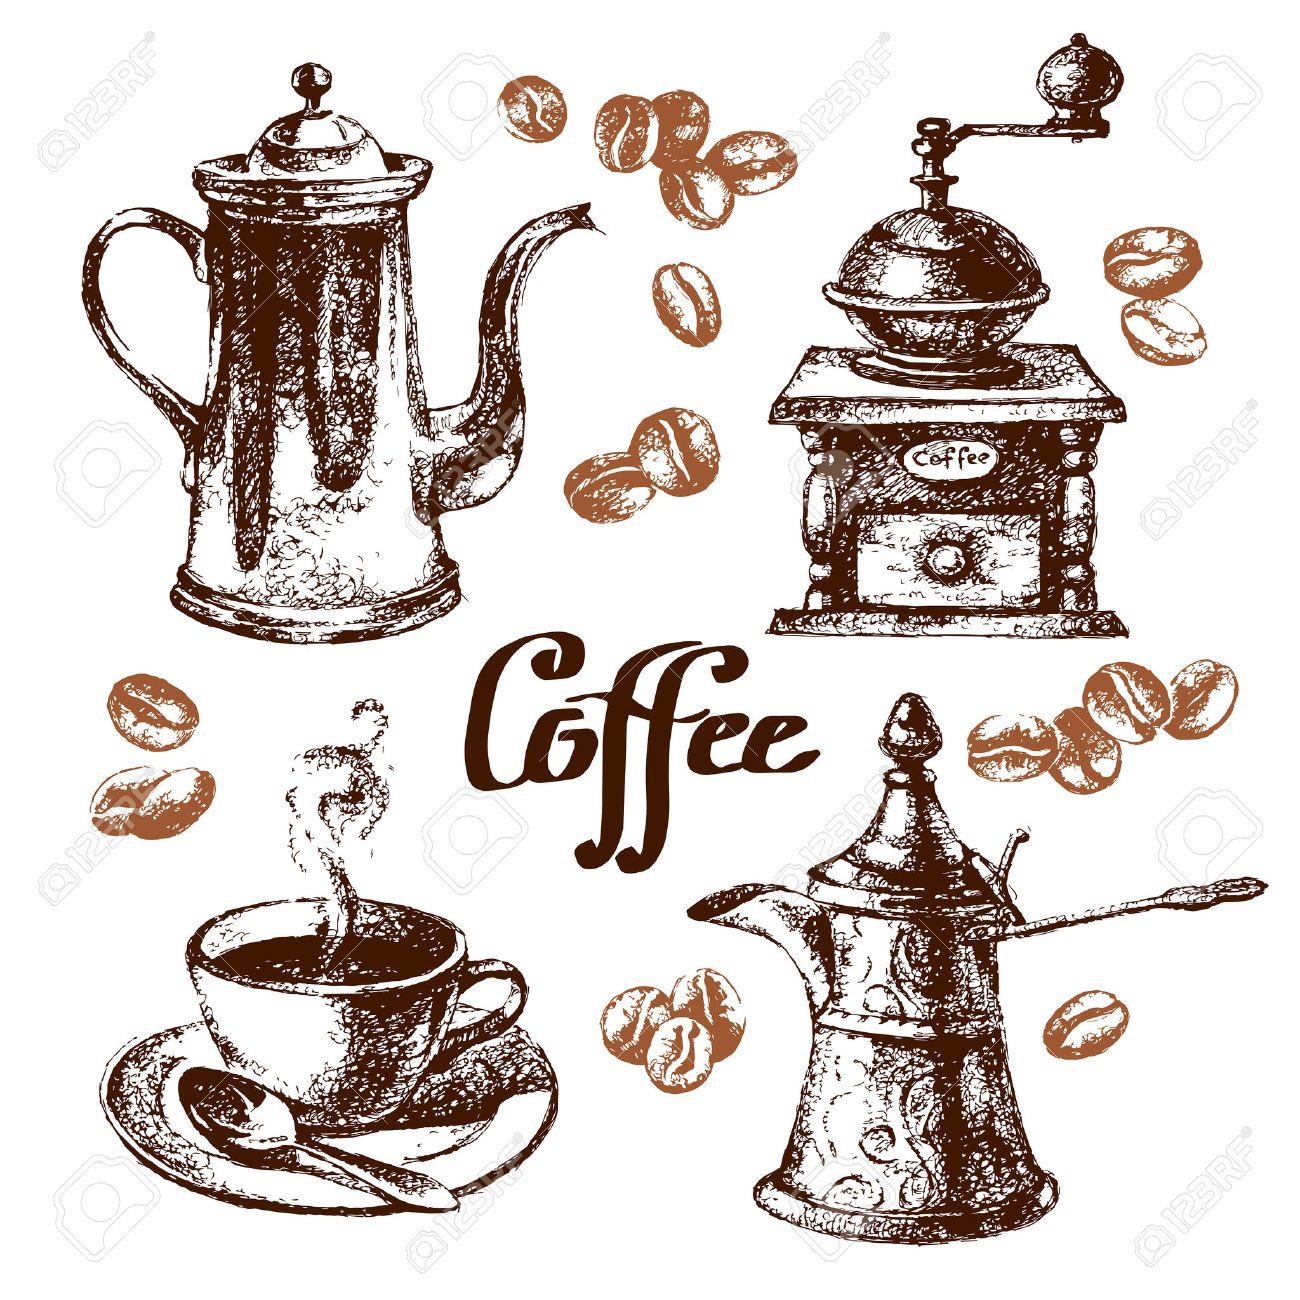 手描きのスケッチ ビンテージ コーヒーを設定しますベクトル イラスト